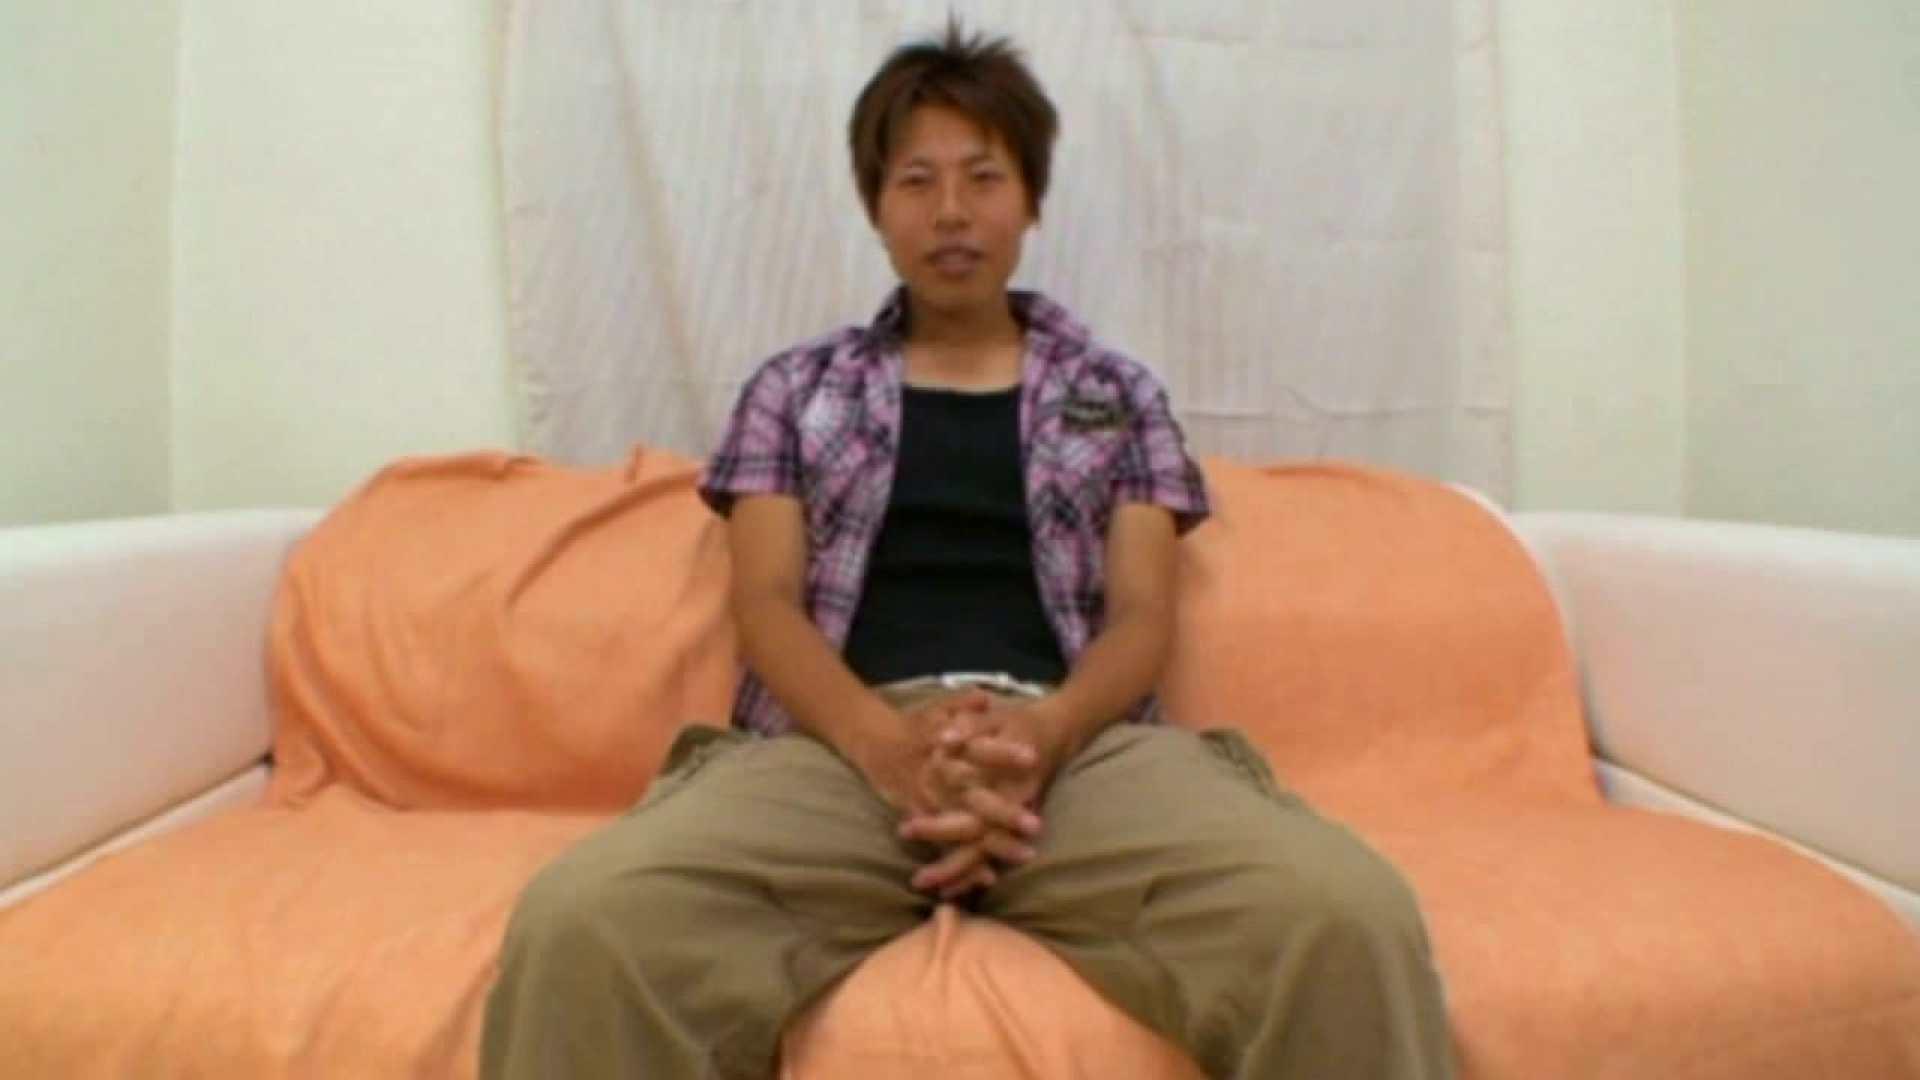 ノンケ!自慰スタジオ No.10 オナニー アダルトビデオ画像キャプチャ 113枚 83